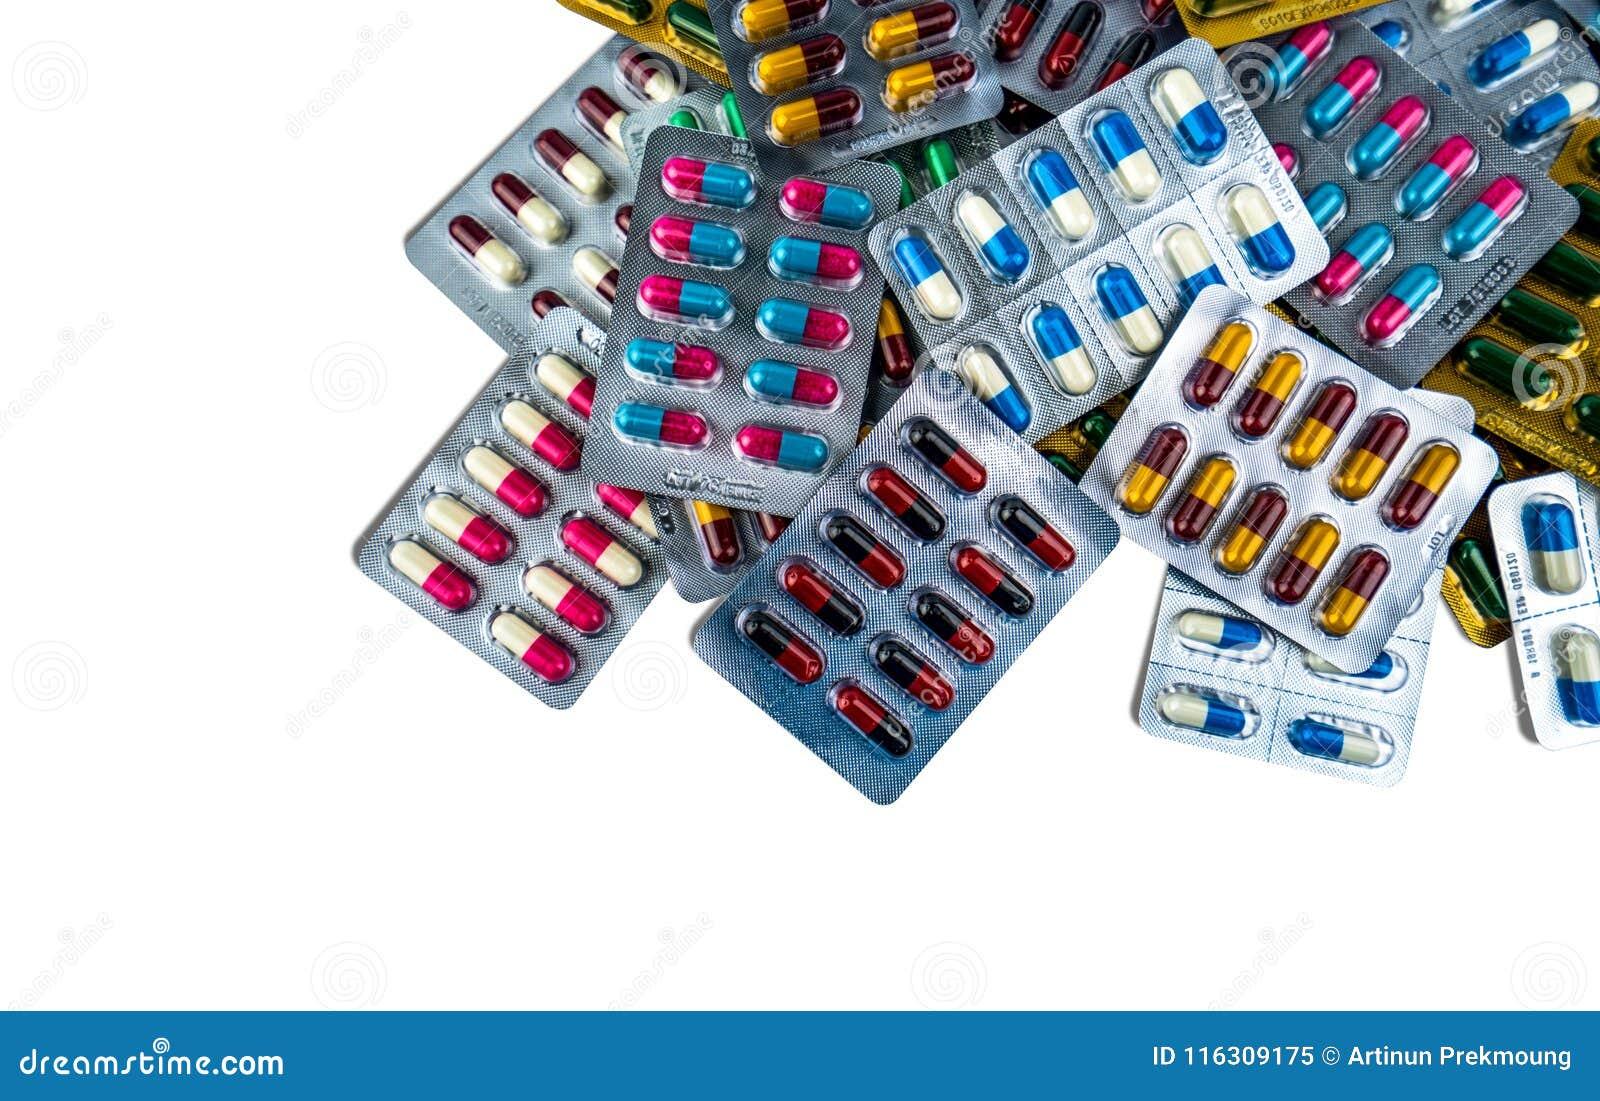 Stos antybiotyczne kapsuł pigułki w bąbel paczce na białym tle z kopii przestrzenią Leka opór pharmaceutical